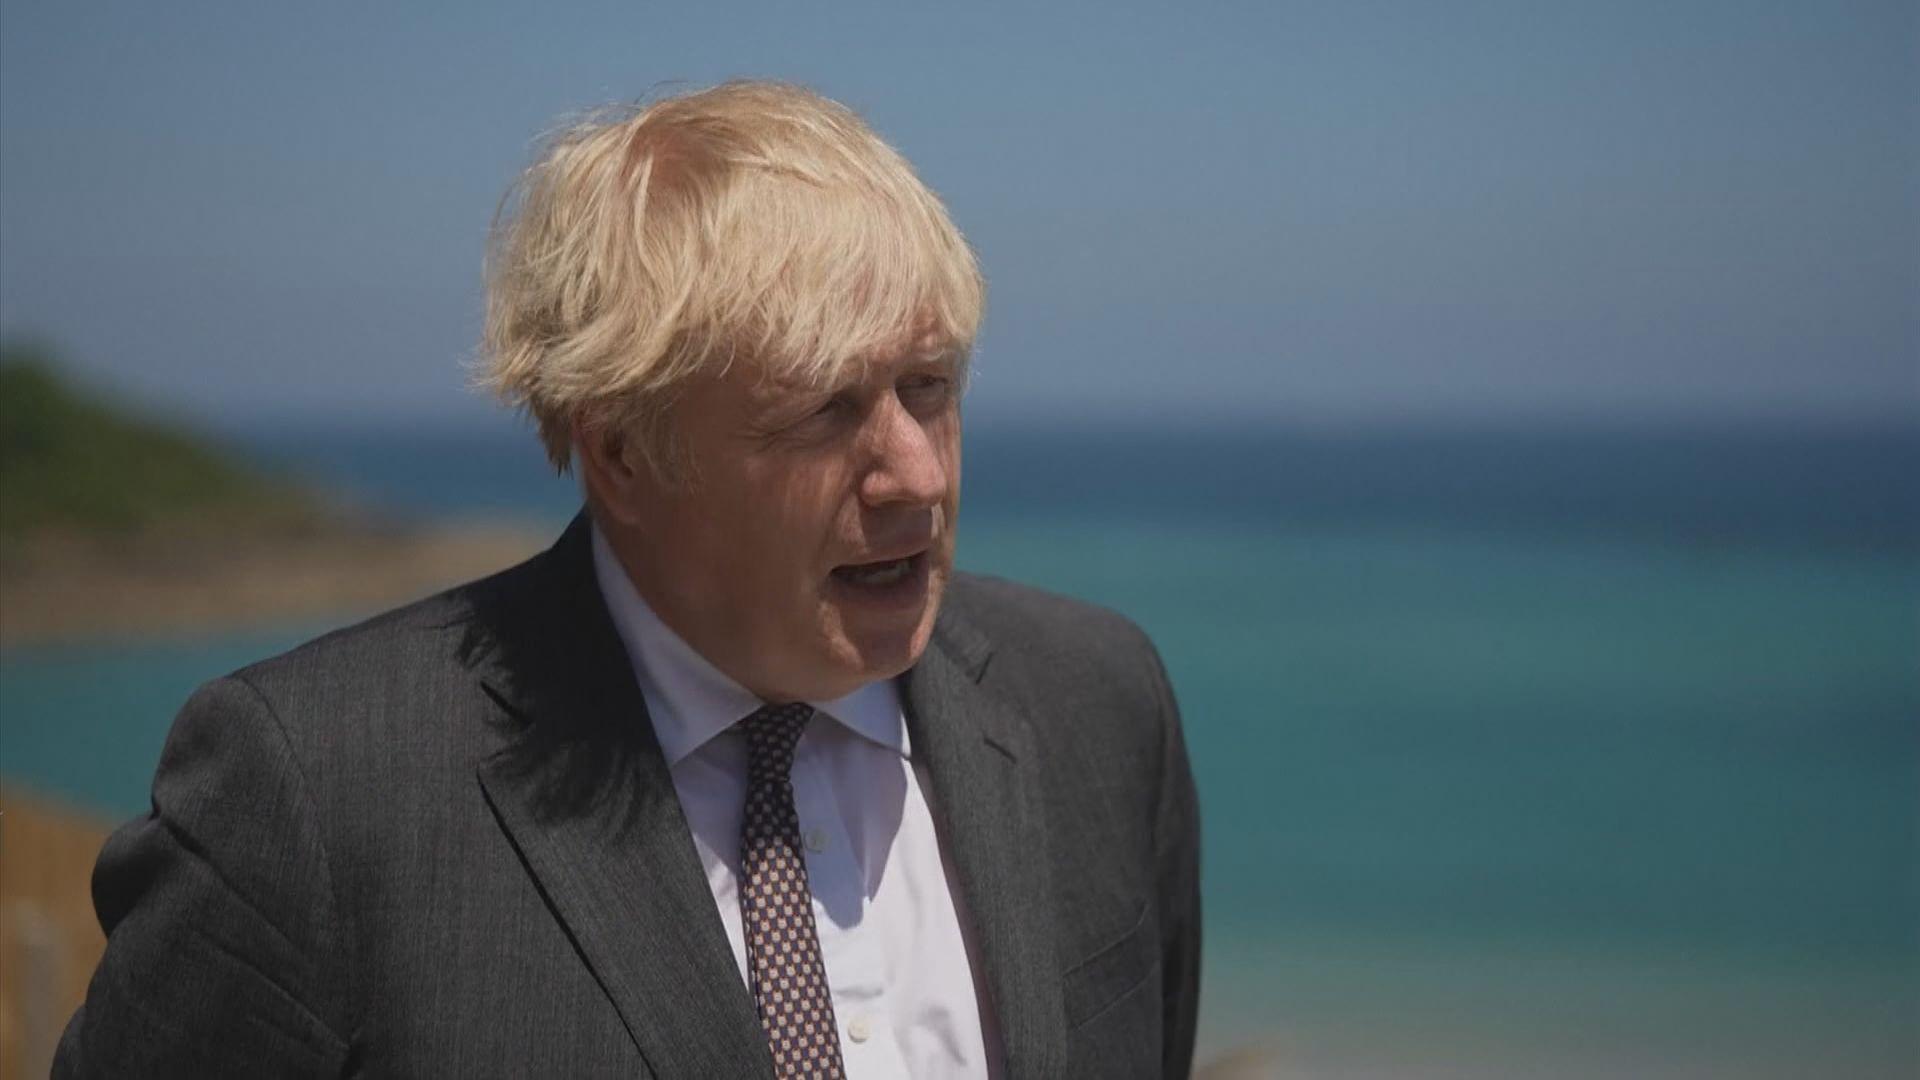 英國首相約翰遜暗示或無法如期作最後階段解封